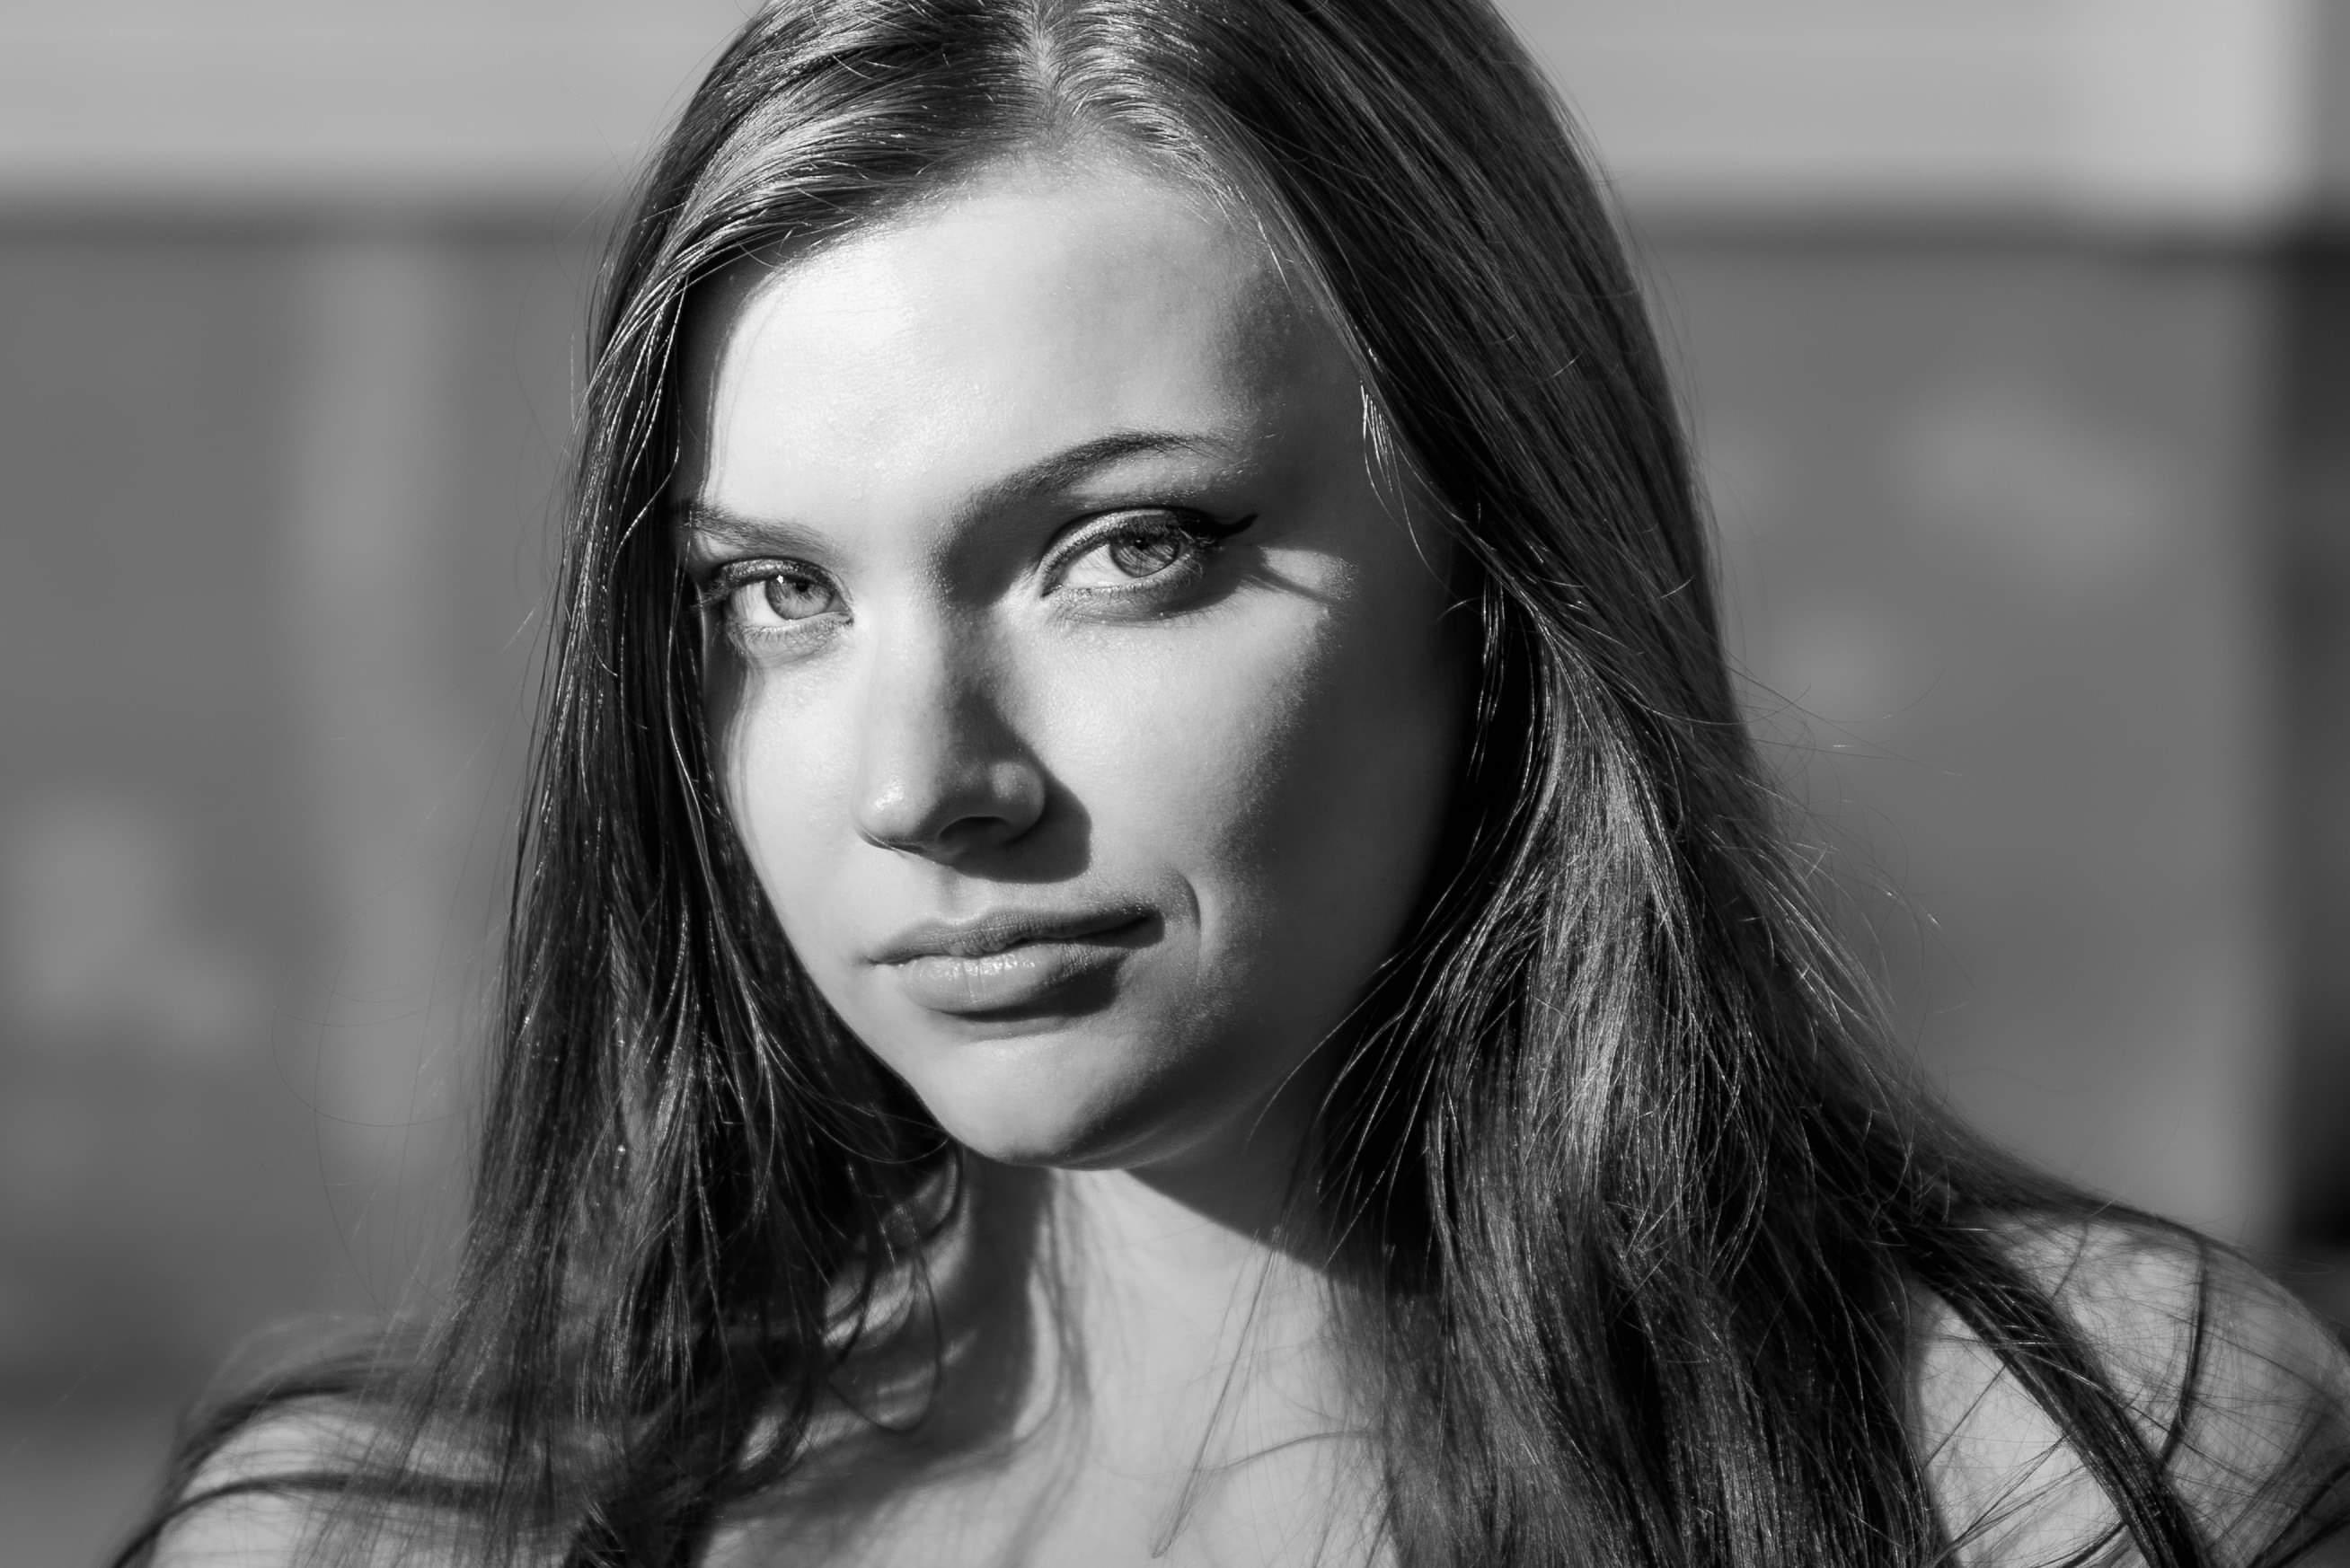 Fotomodellen Evelina i svartvitt 2